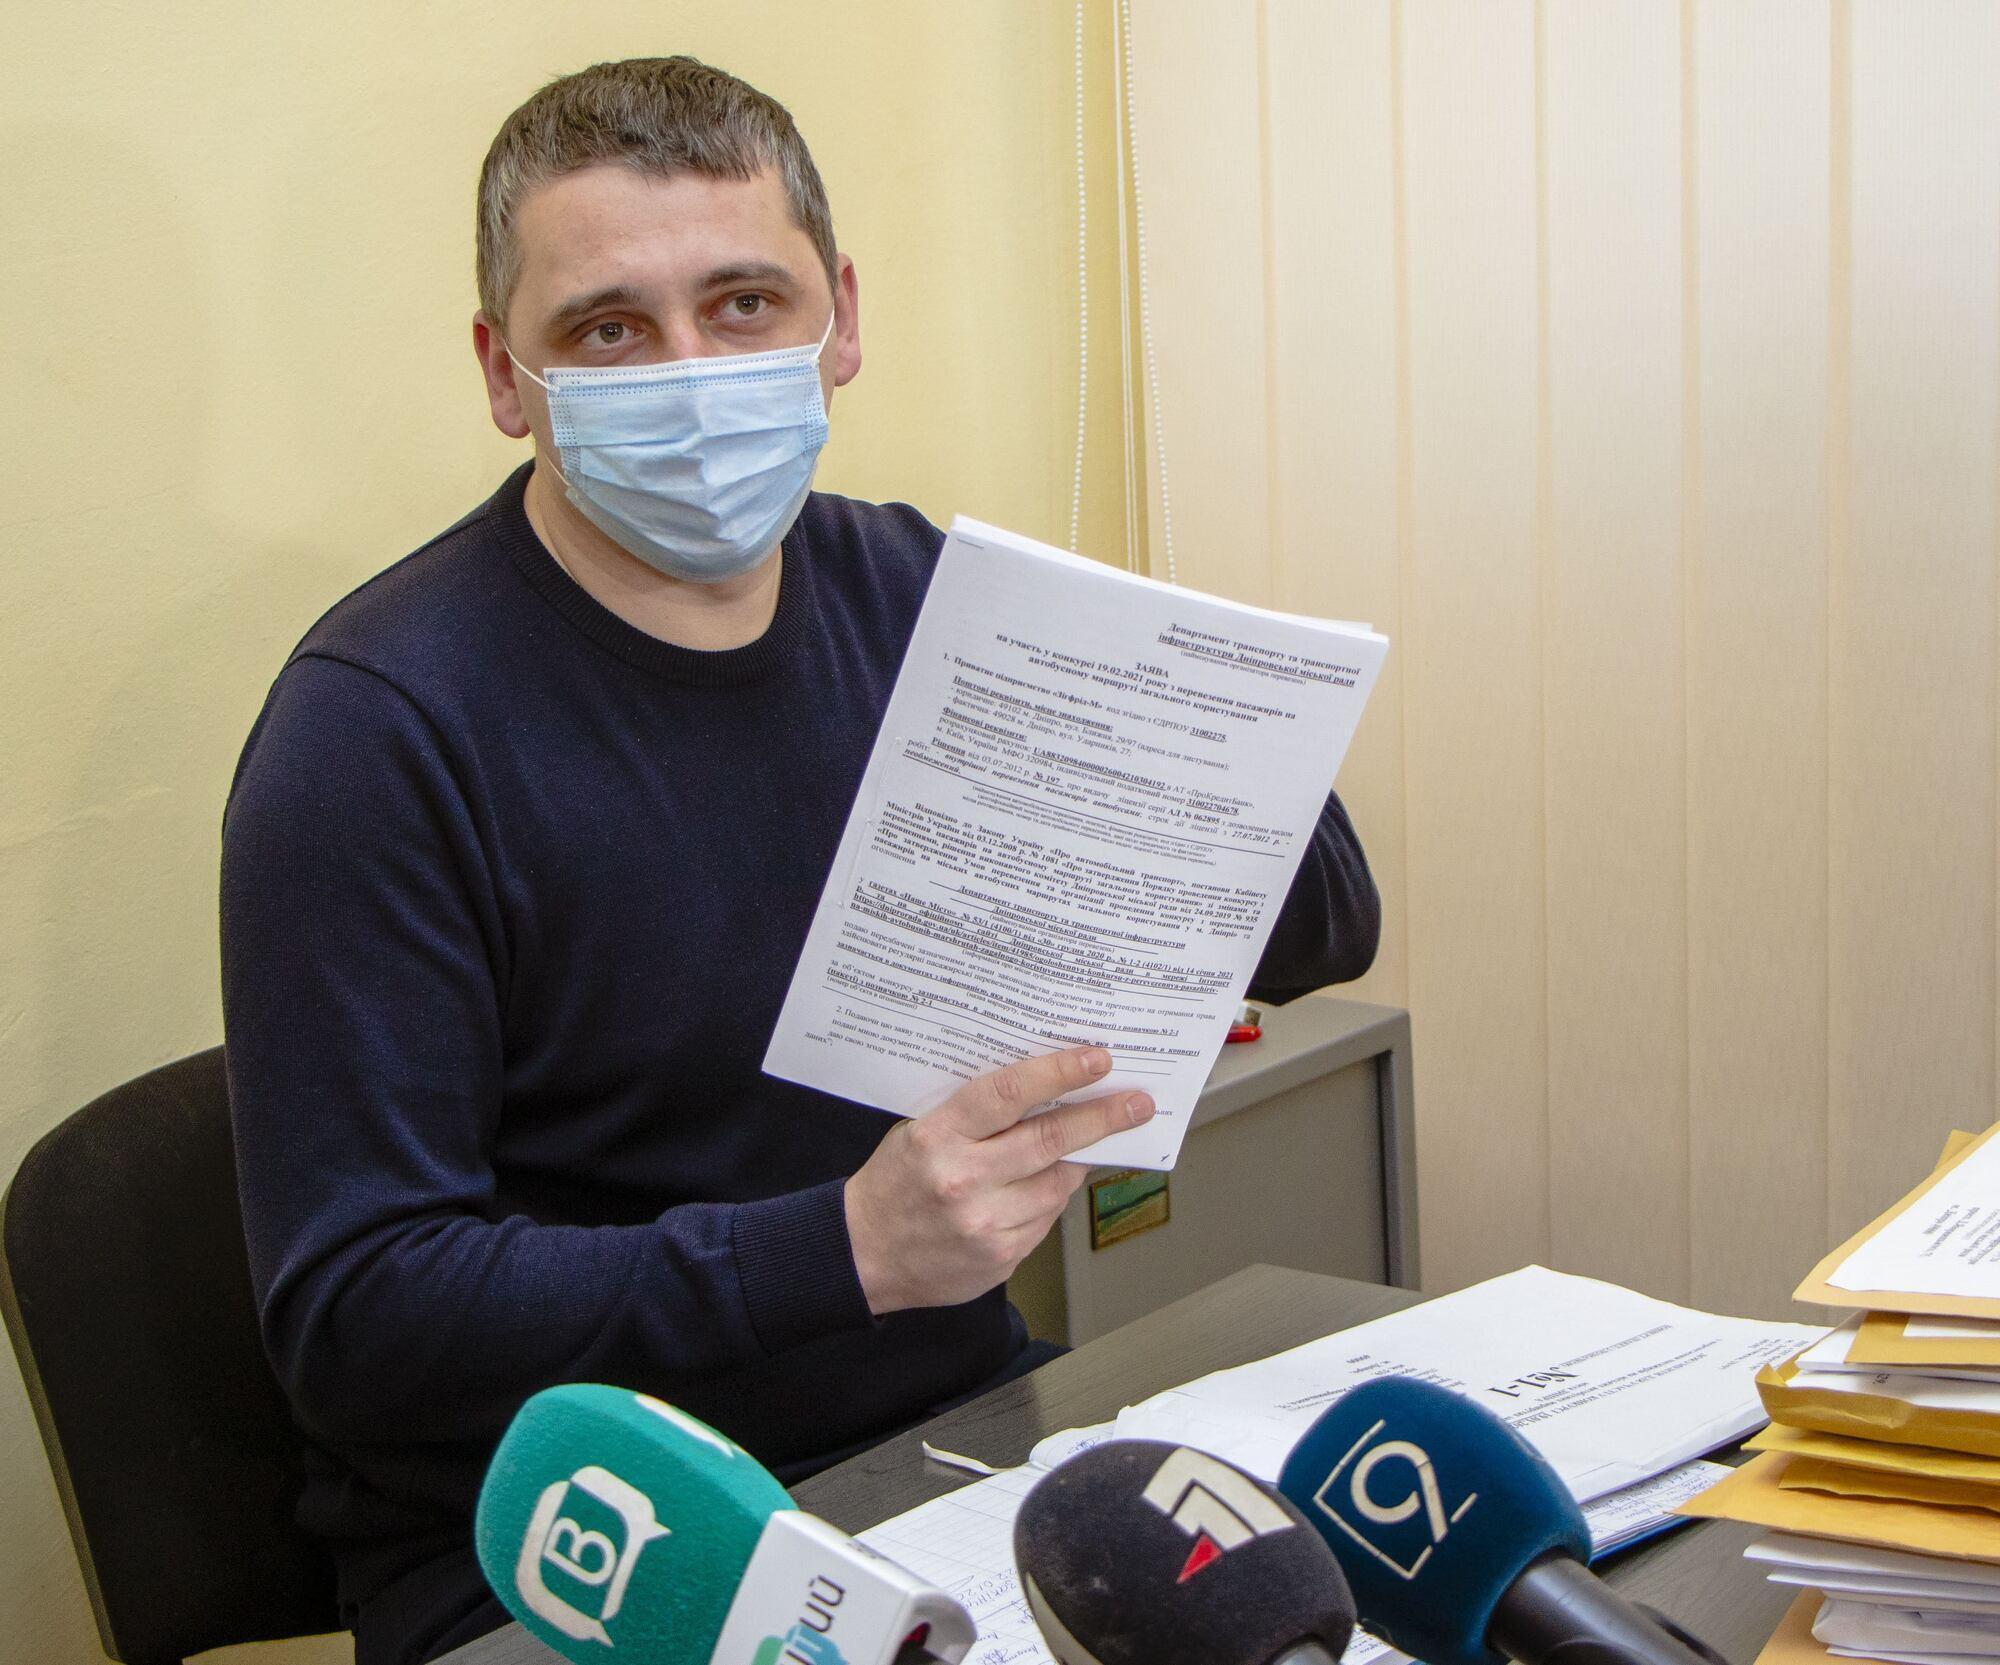 Иван Васючков рассказал об условиях конкурса